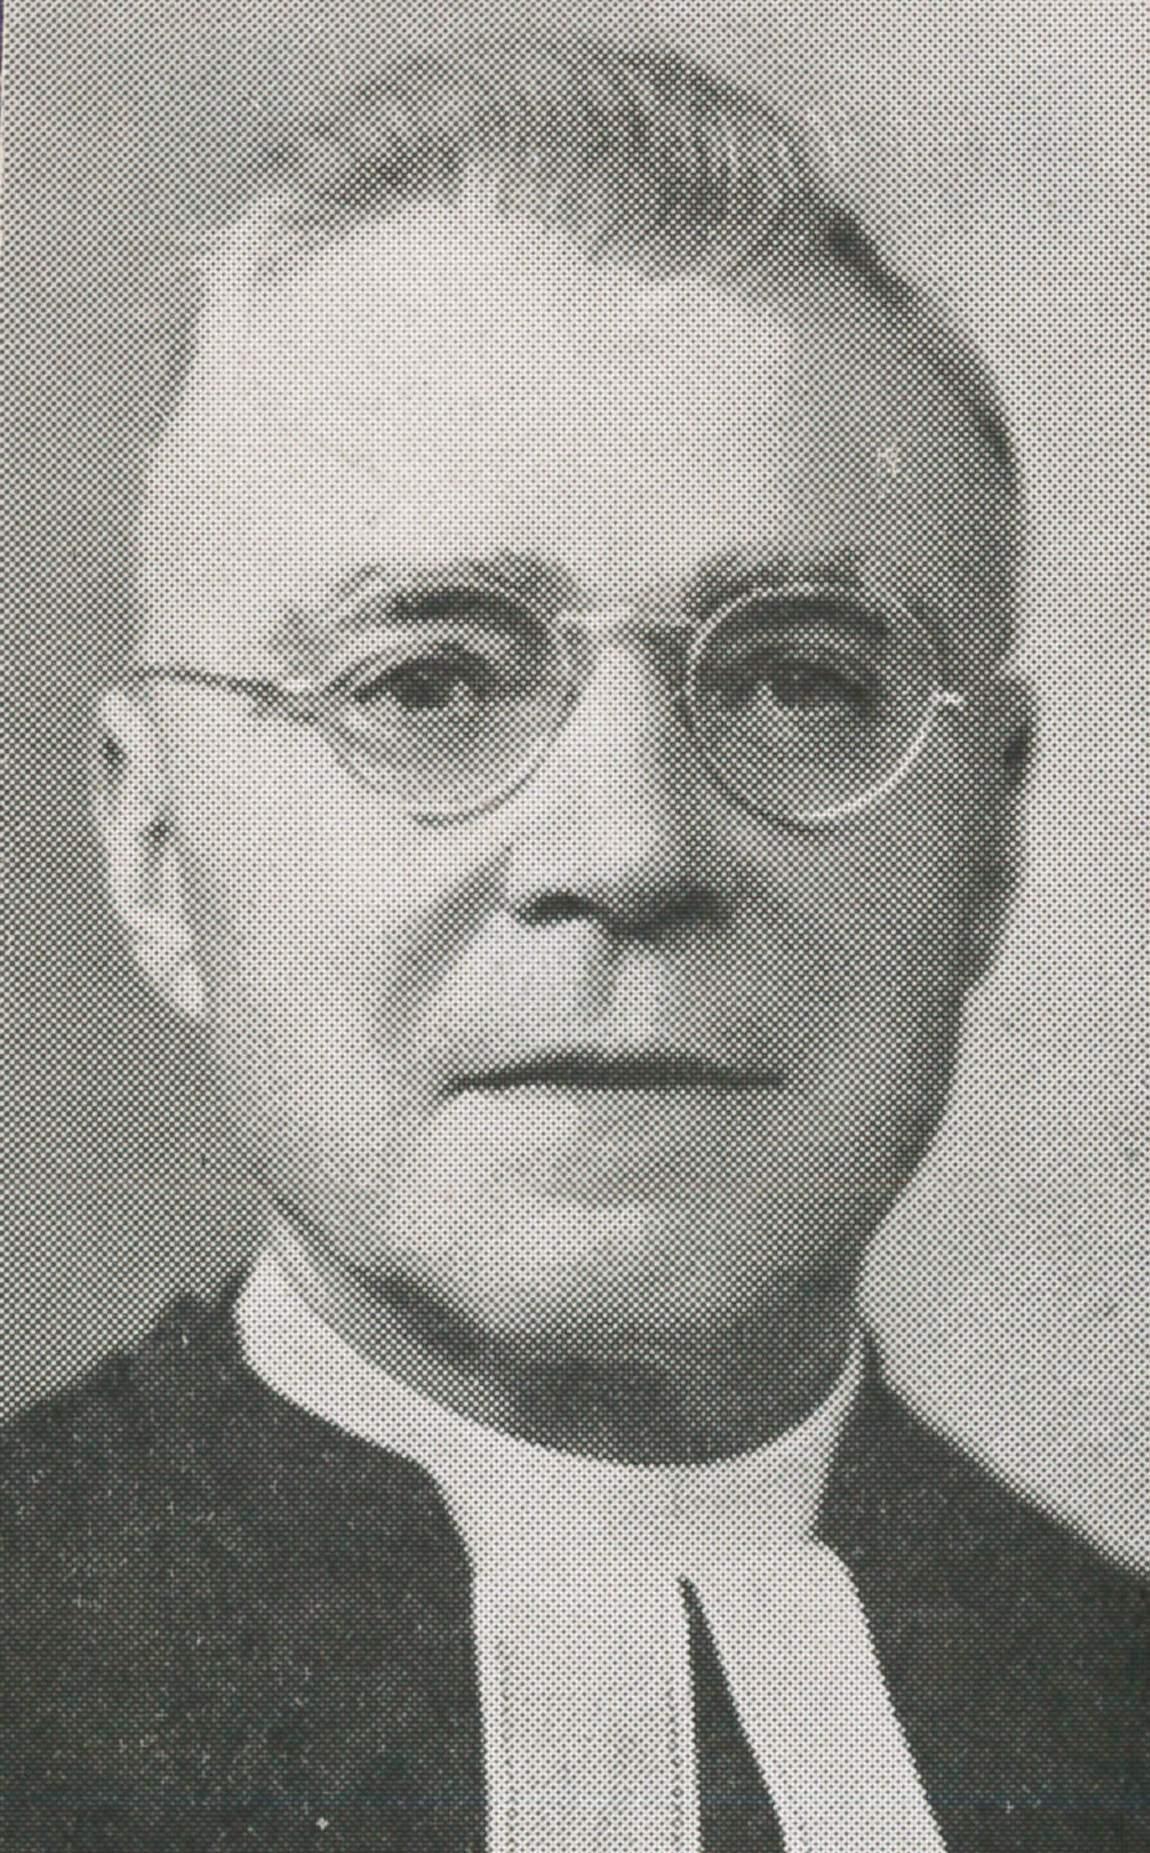 Rev. H. W. Ellenberger